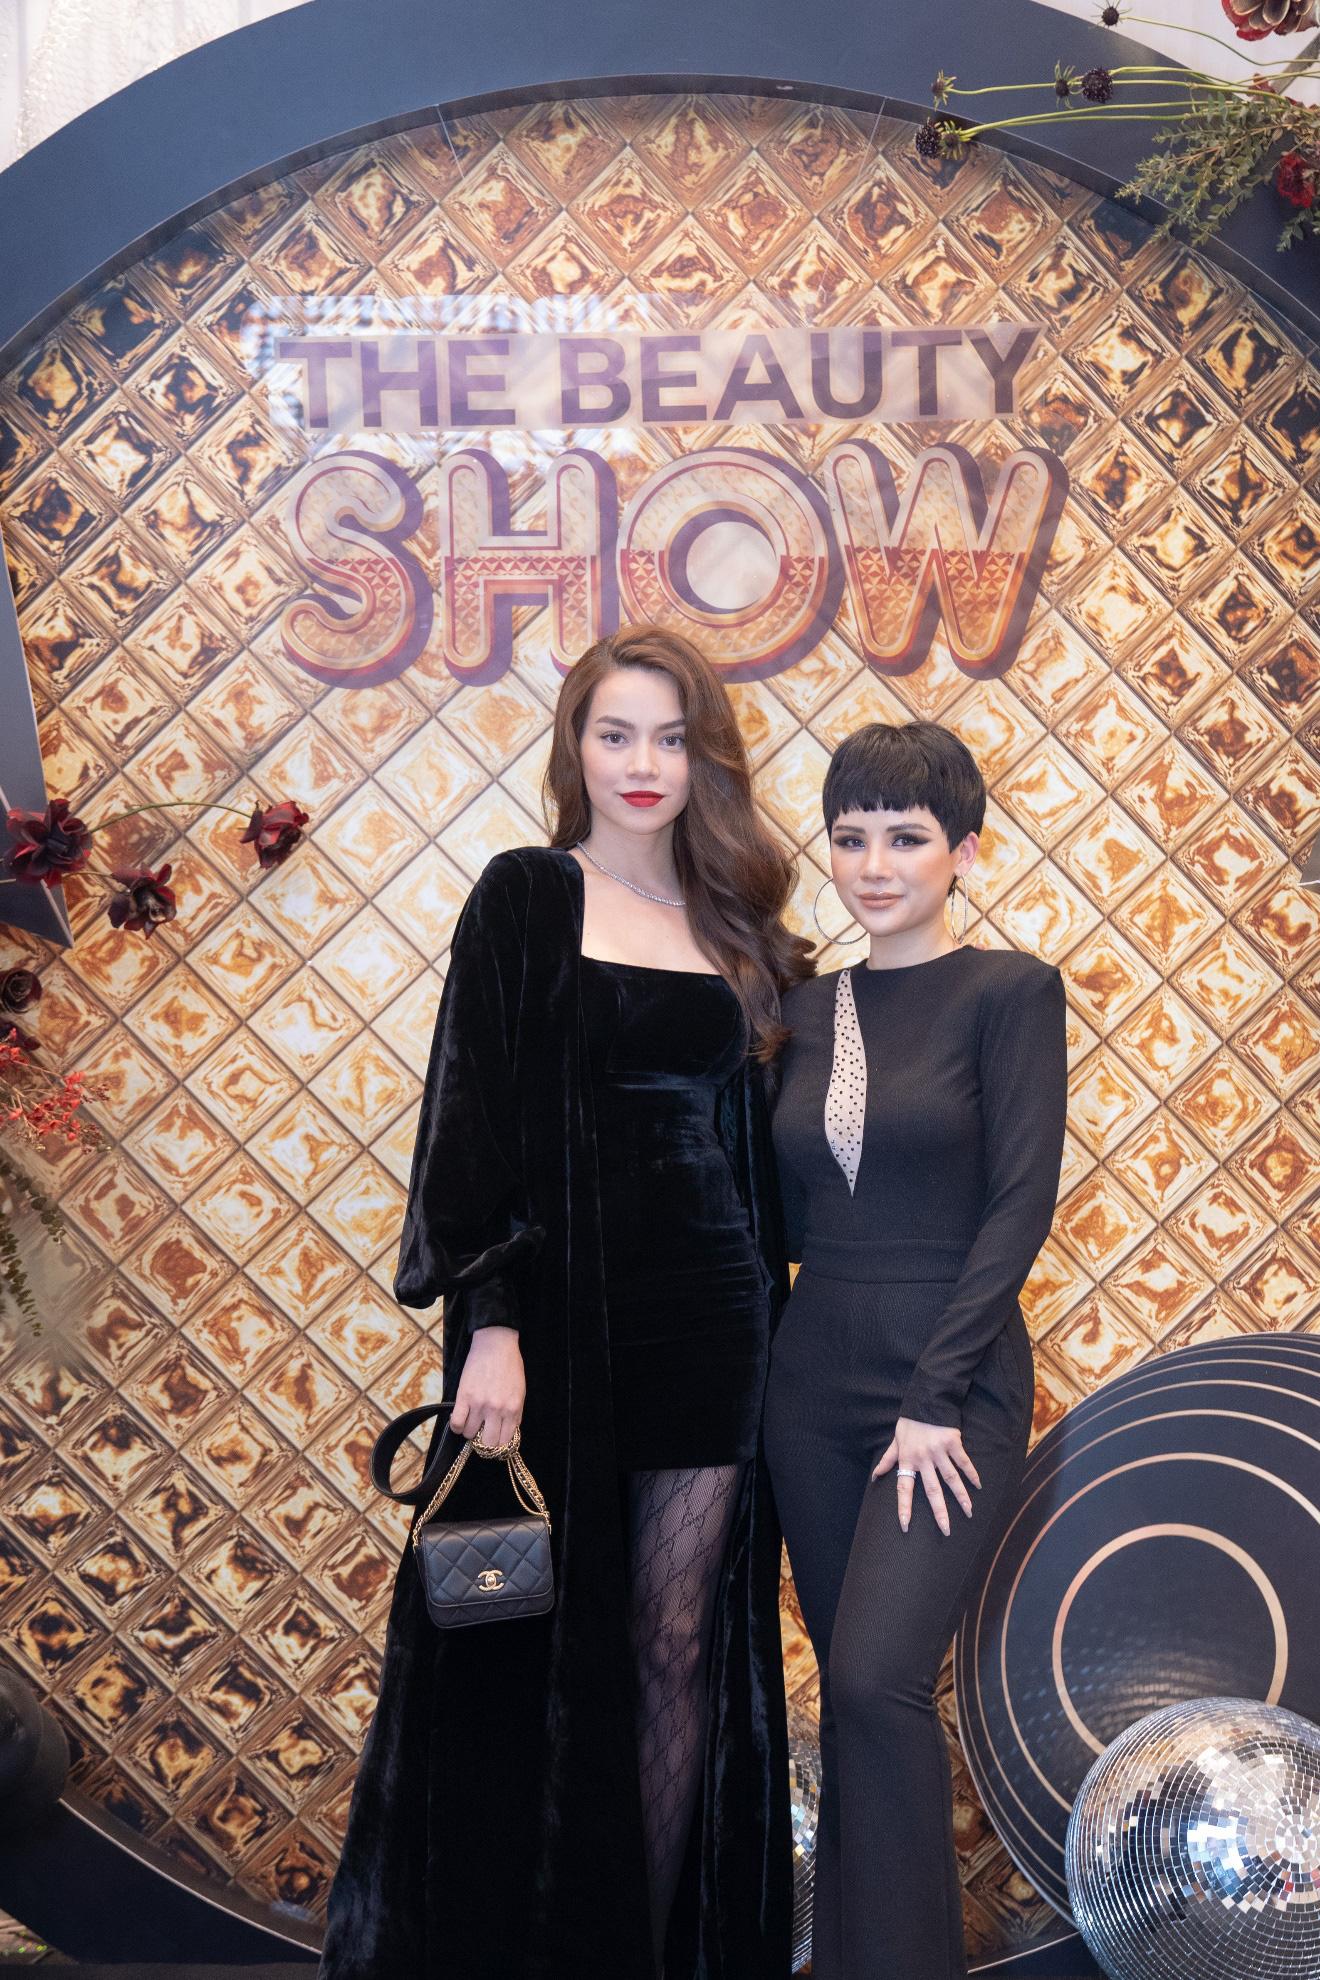 """Hà Hồ hội ngộ DJ Kuns tại """"The Beauty show"""" - Ảnh 2."""